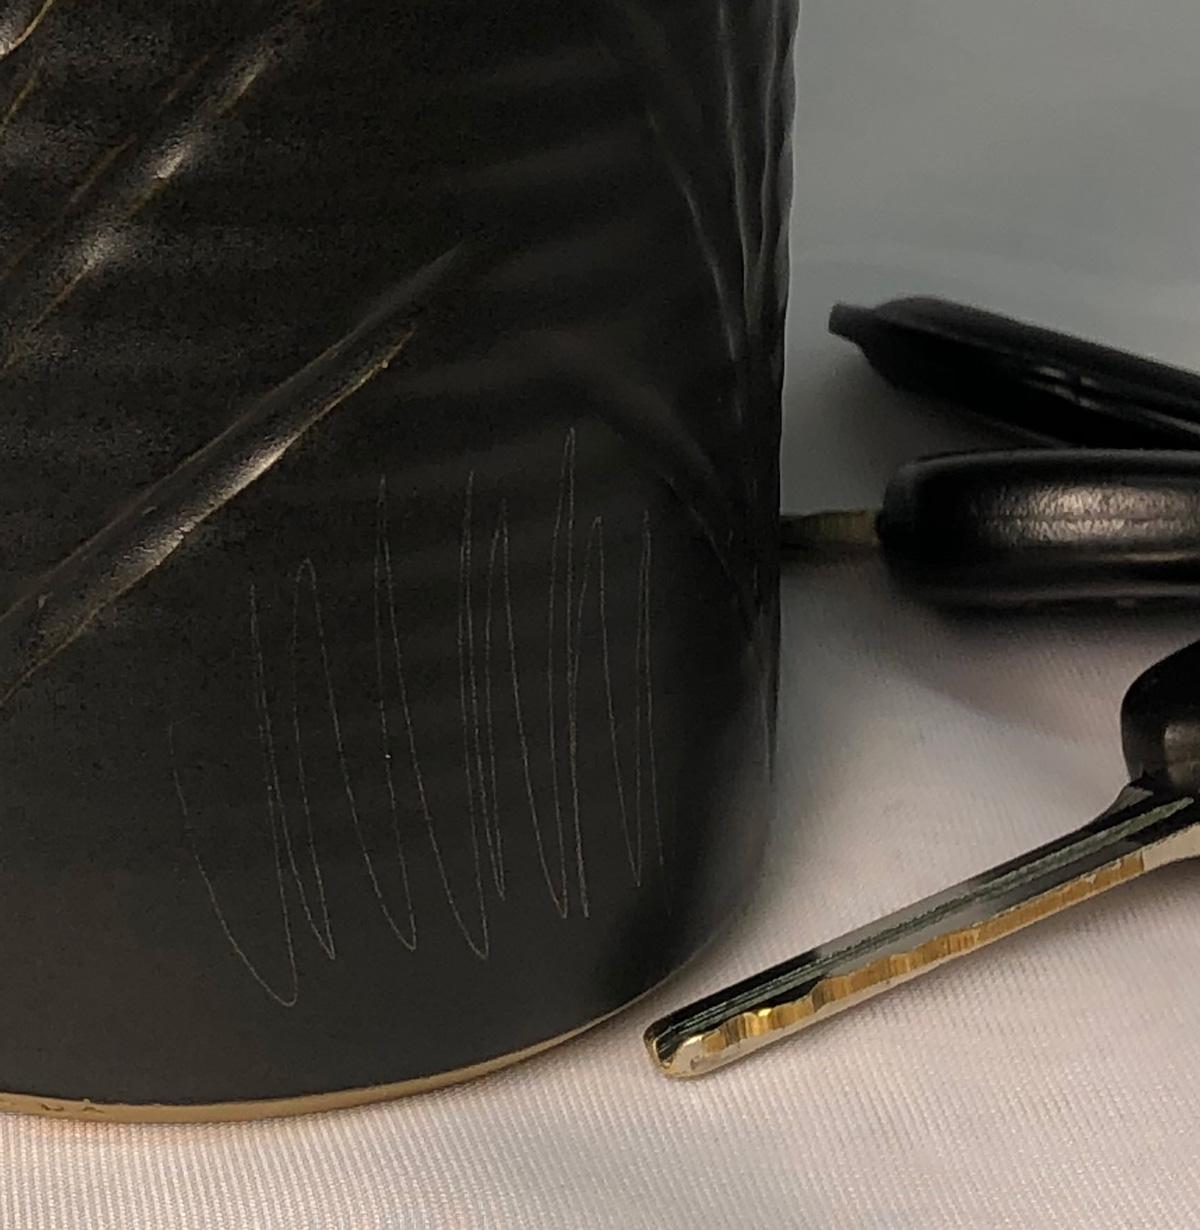 Cutlery marking on matte black glaze